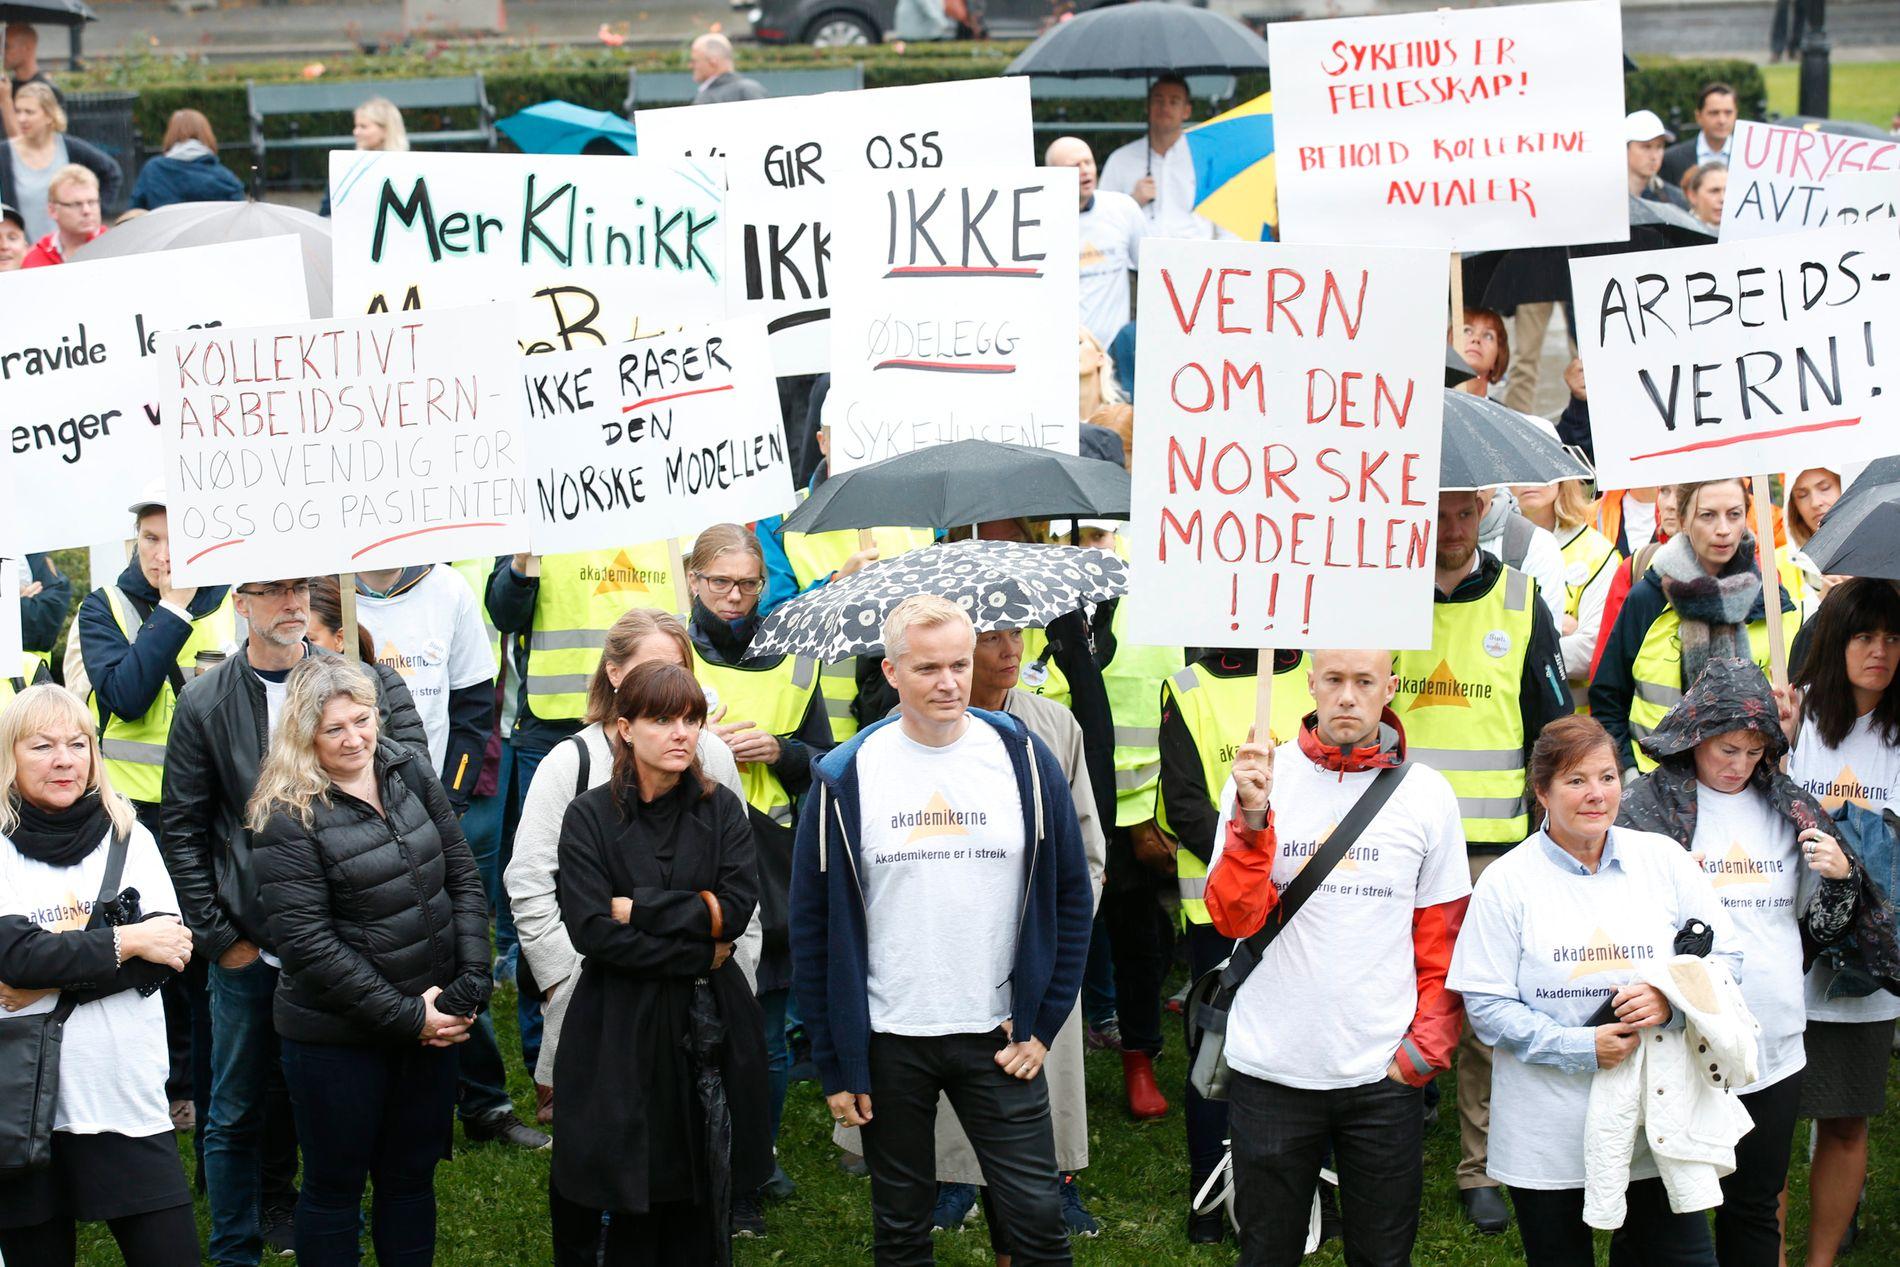 STREIKET EN DRØY MÅNED: Legestreiken startet 7. september og ble avsluttet 11.oktober. Her er flere av de streikende samlet på Eidsvolls plass foran Stortinget i Oslo.